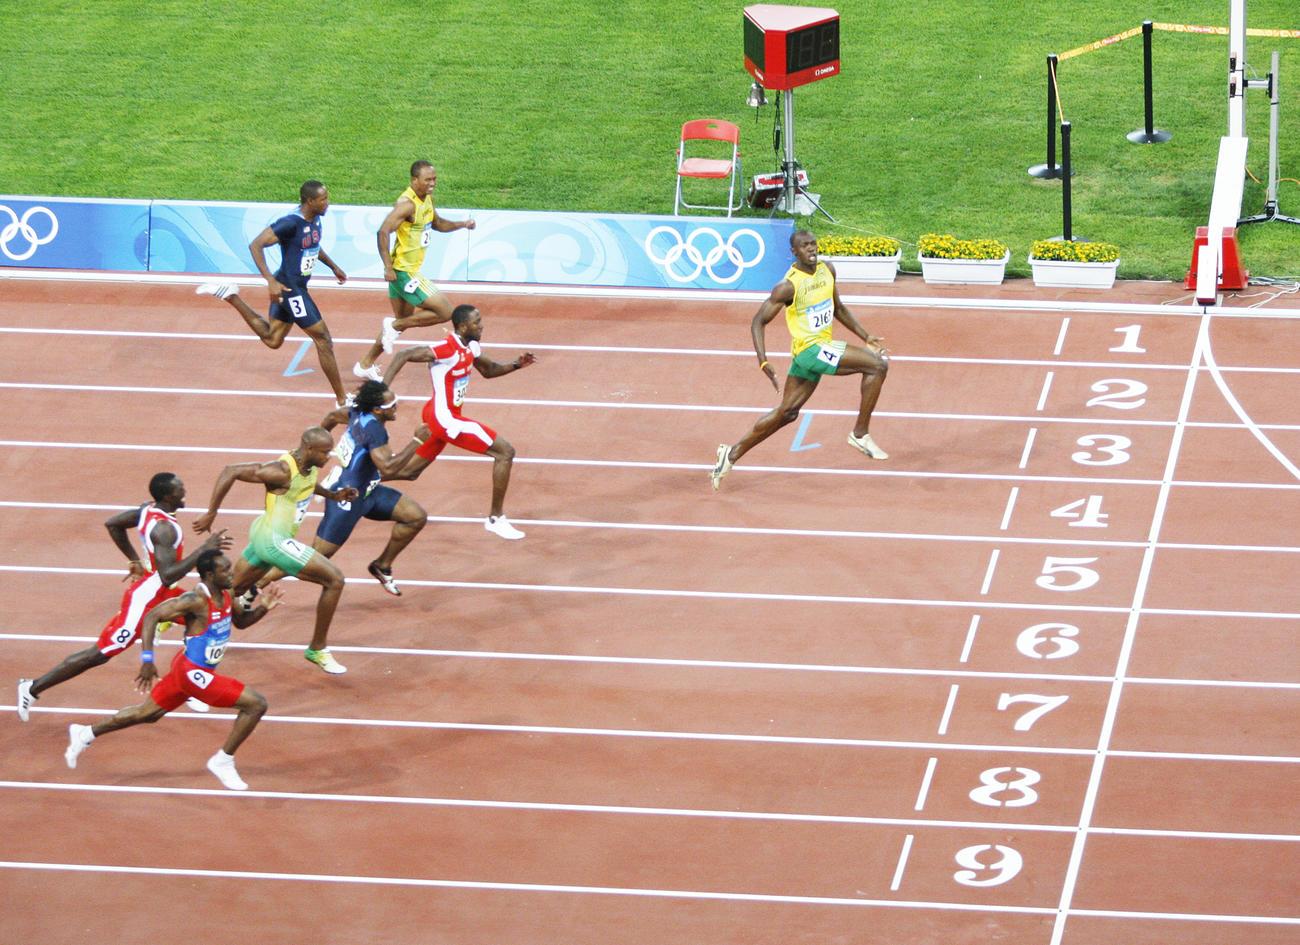 08年8月、北京五輪の男子100メートル決勝でジャマイカのボルト(右端)は横を向く余裕のパフォーマンスで優勝する(ロイター)